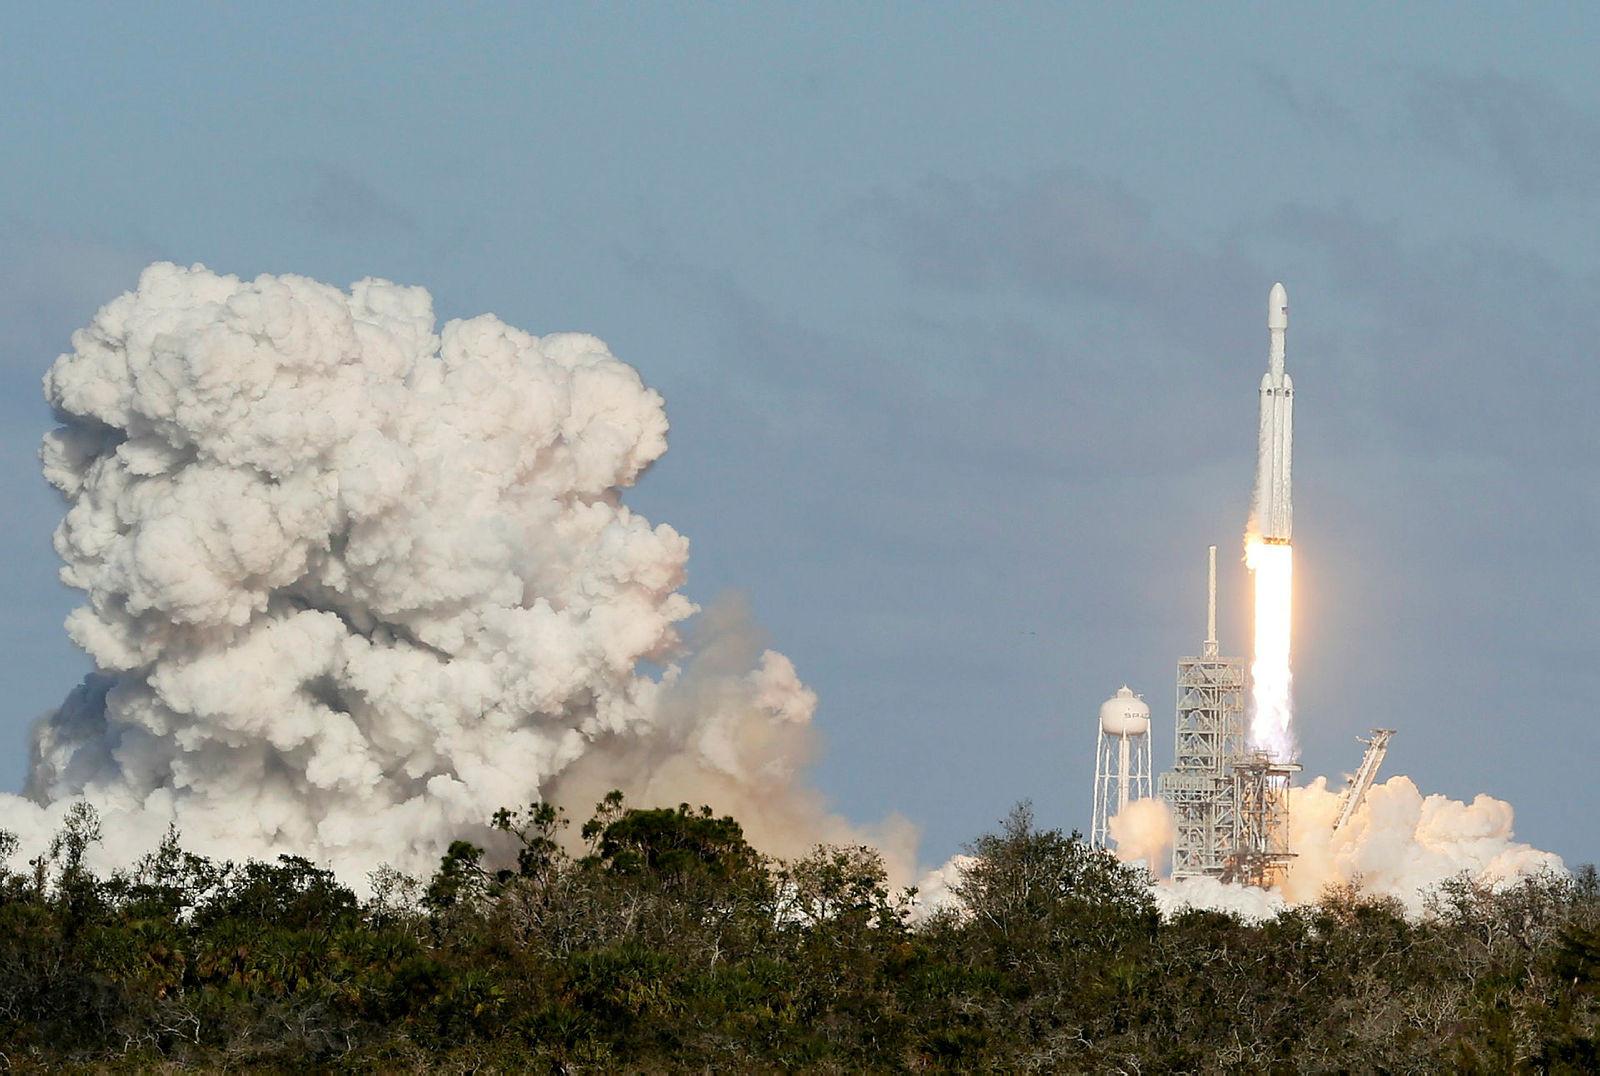 SpaceX'in Falcon Heavy roketi fırlatıldı - Resim: 4